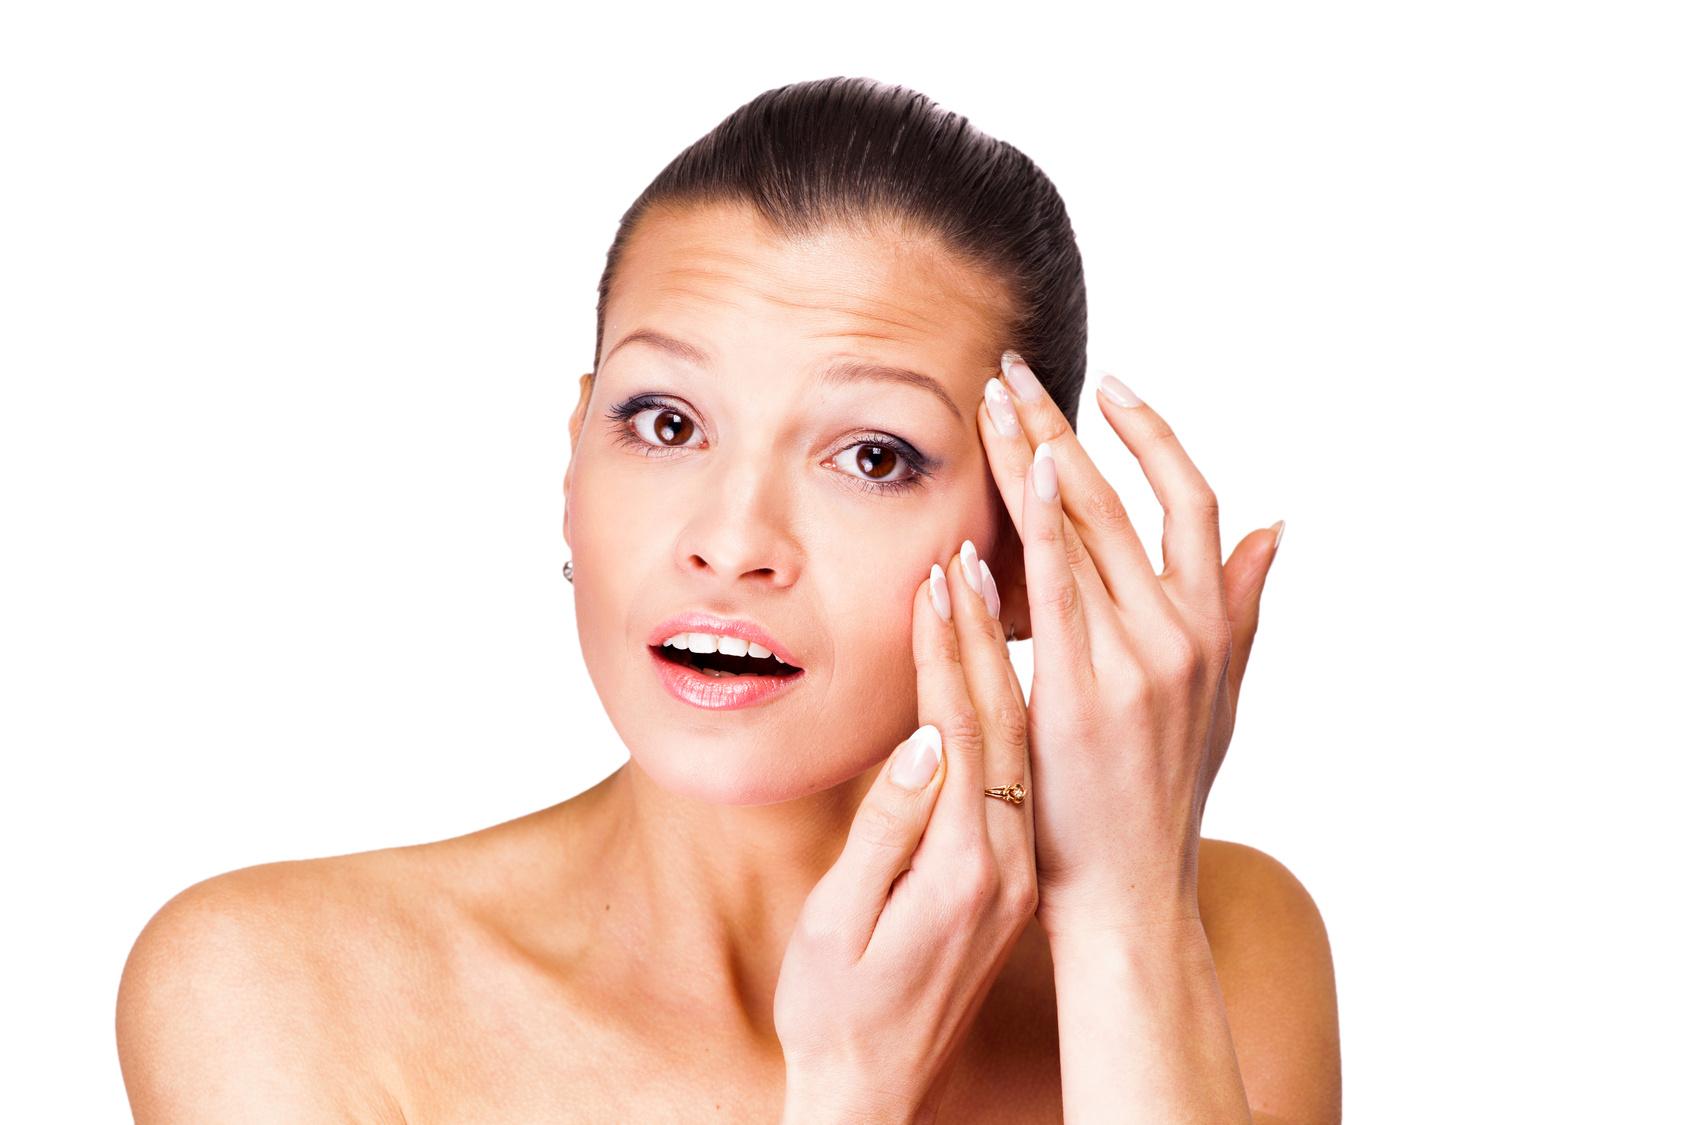 Il ringiovanimento dello sguardo: dalla blefaroplastica al laser frazionato